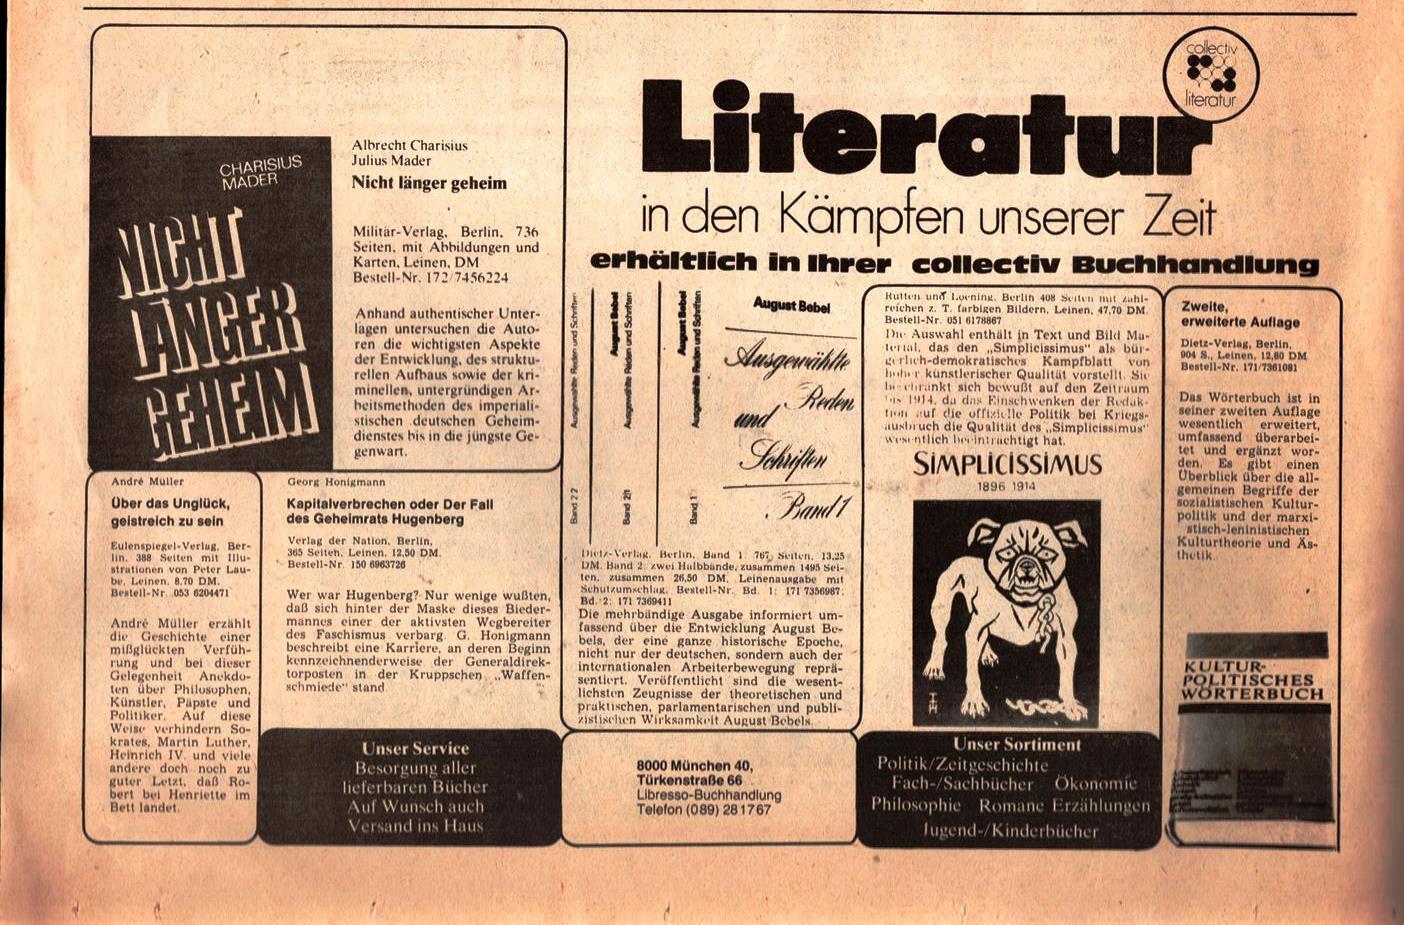 Muenchen_DKP_Neues_Muenchen_19790100_001_004